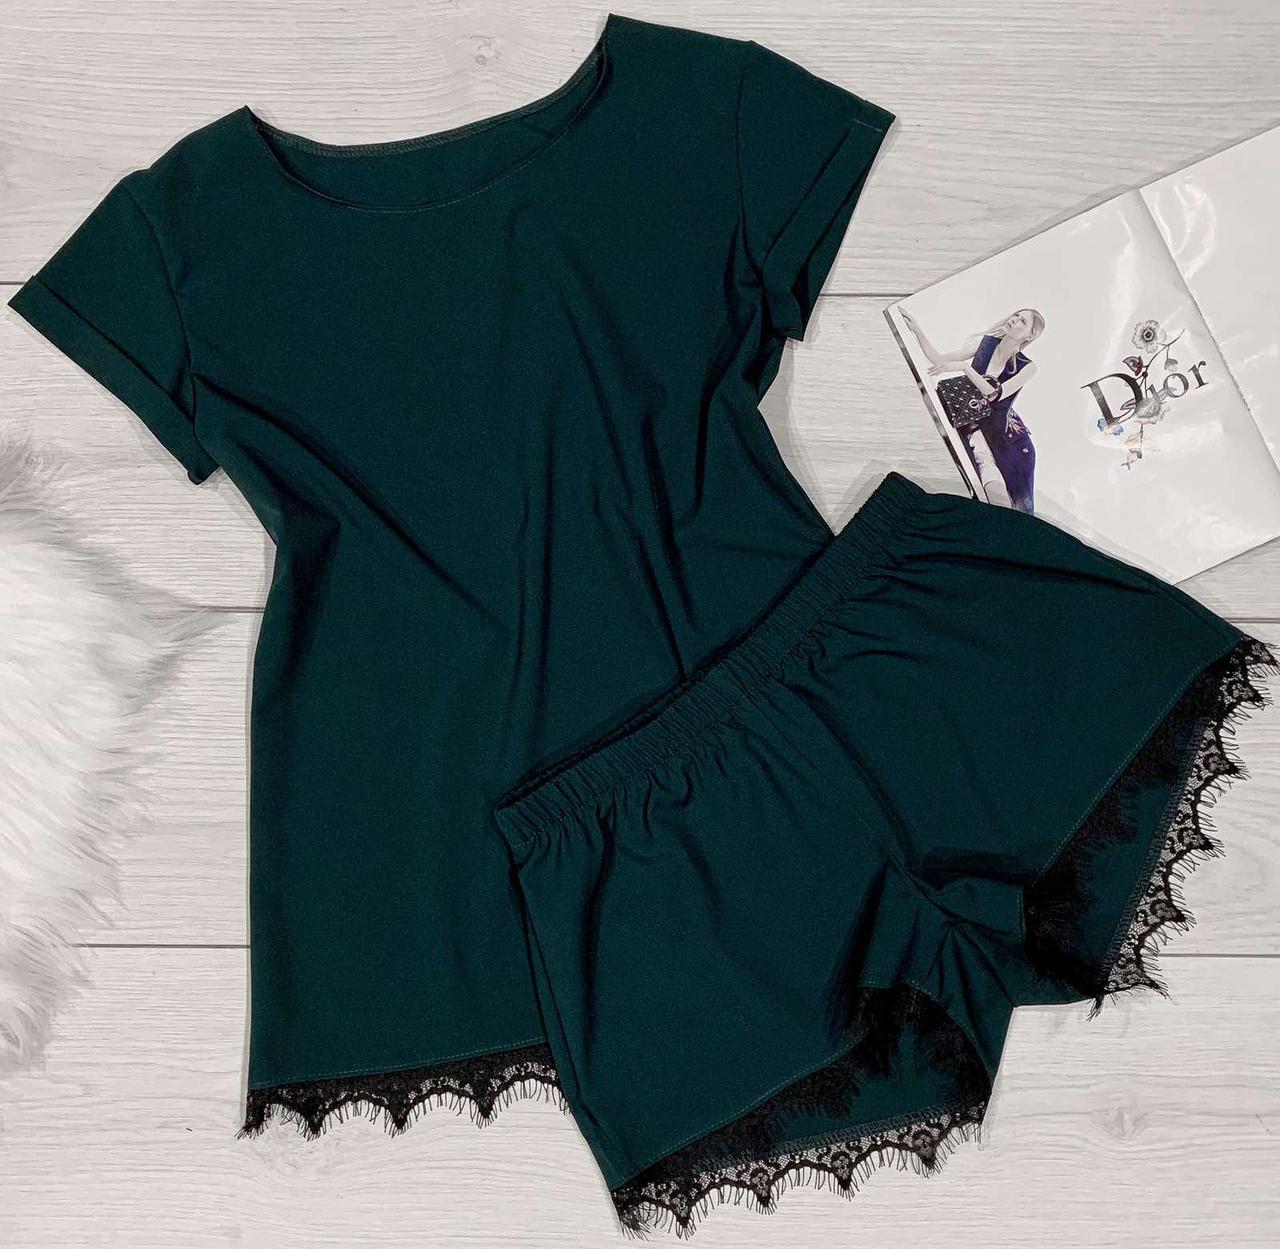 Стильный комплект с французским кружевом футболка+шорты.